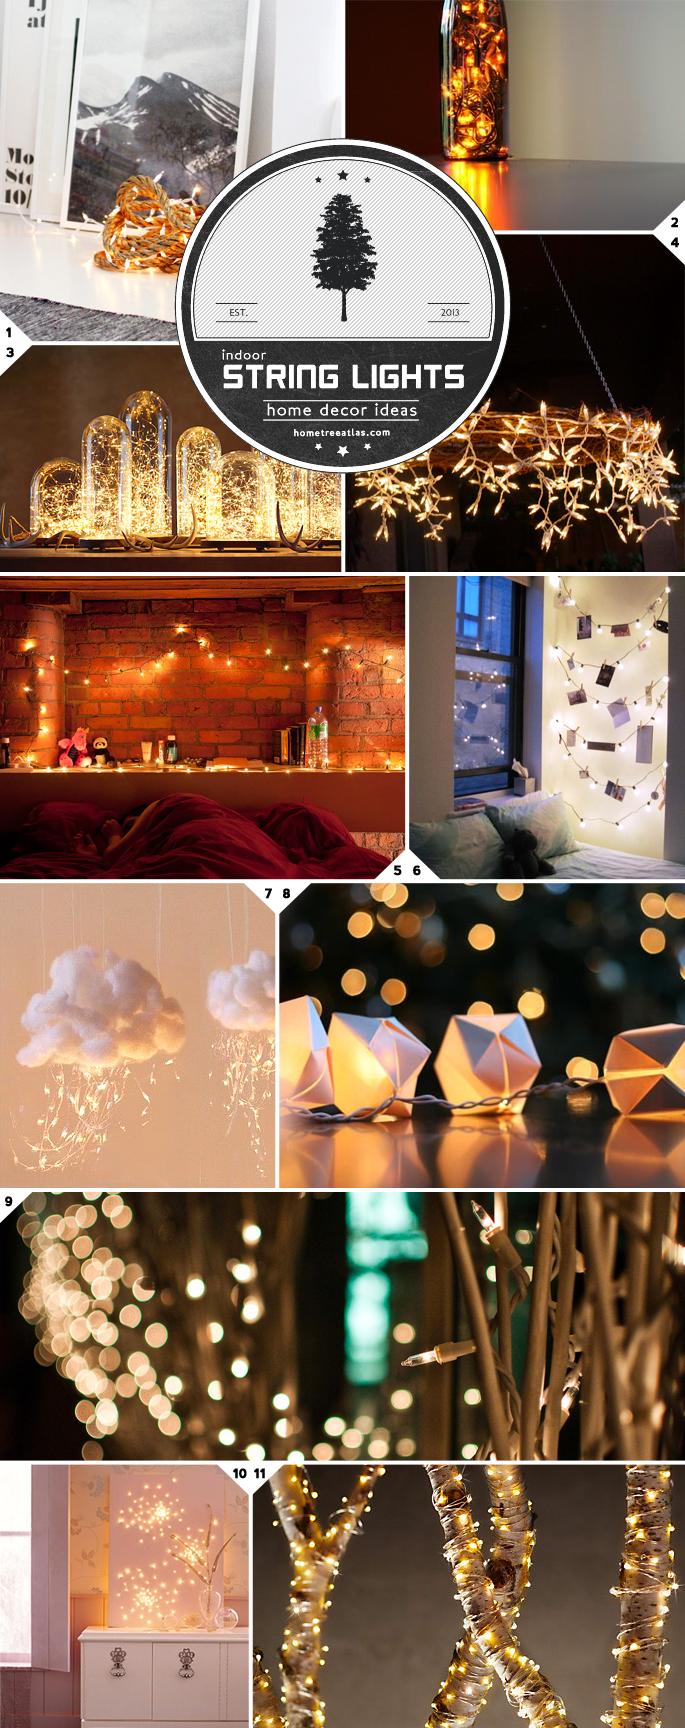 Indoor String Lights Decor Ideas